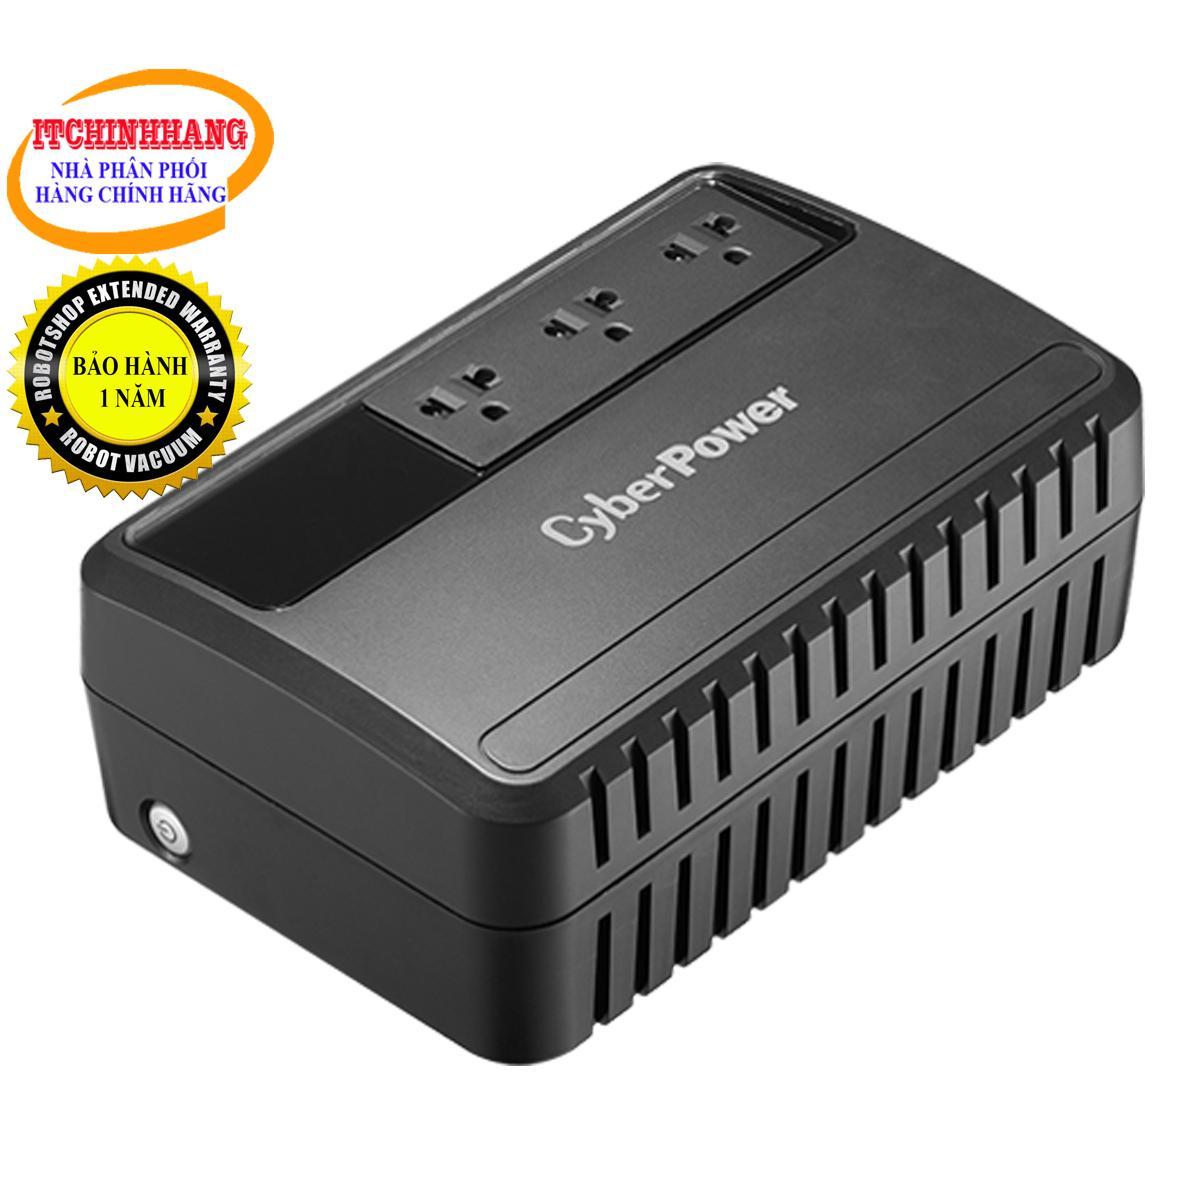 Hình ảnh Bộ Lưu Điện UPS Cyber Power 600VA